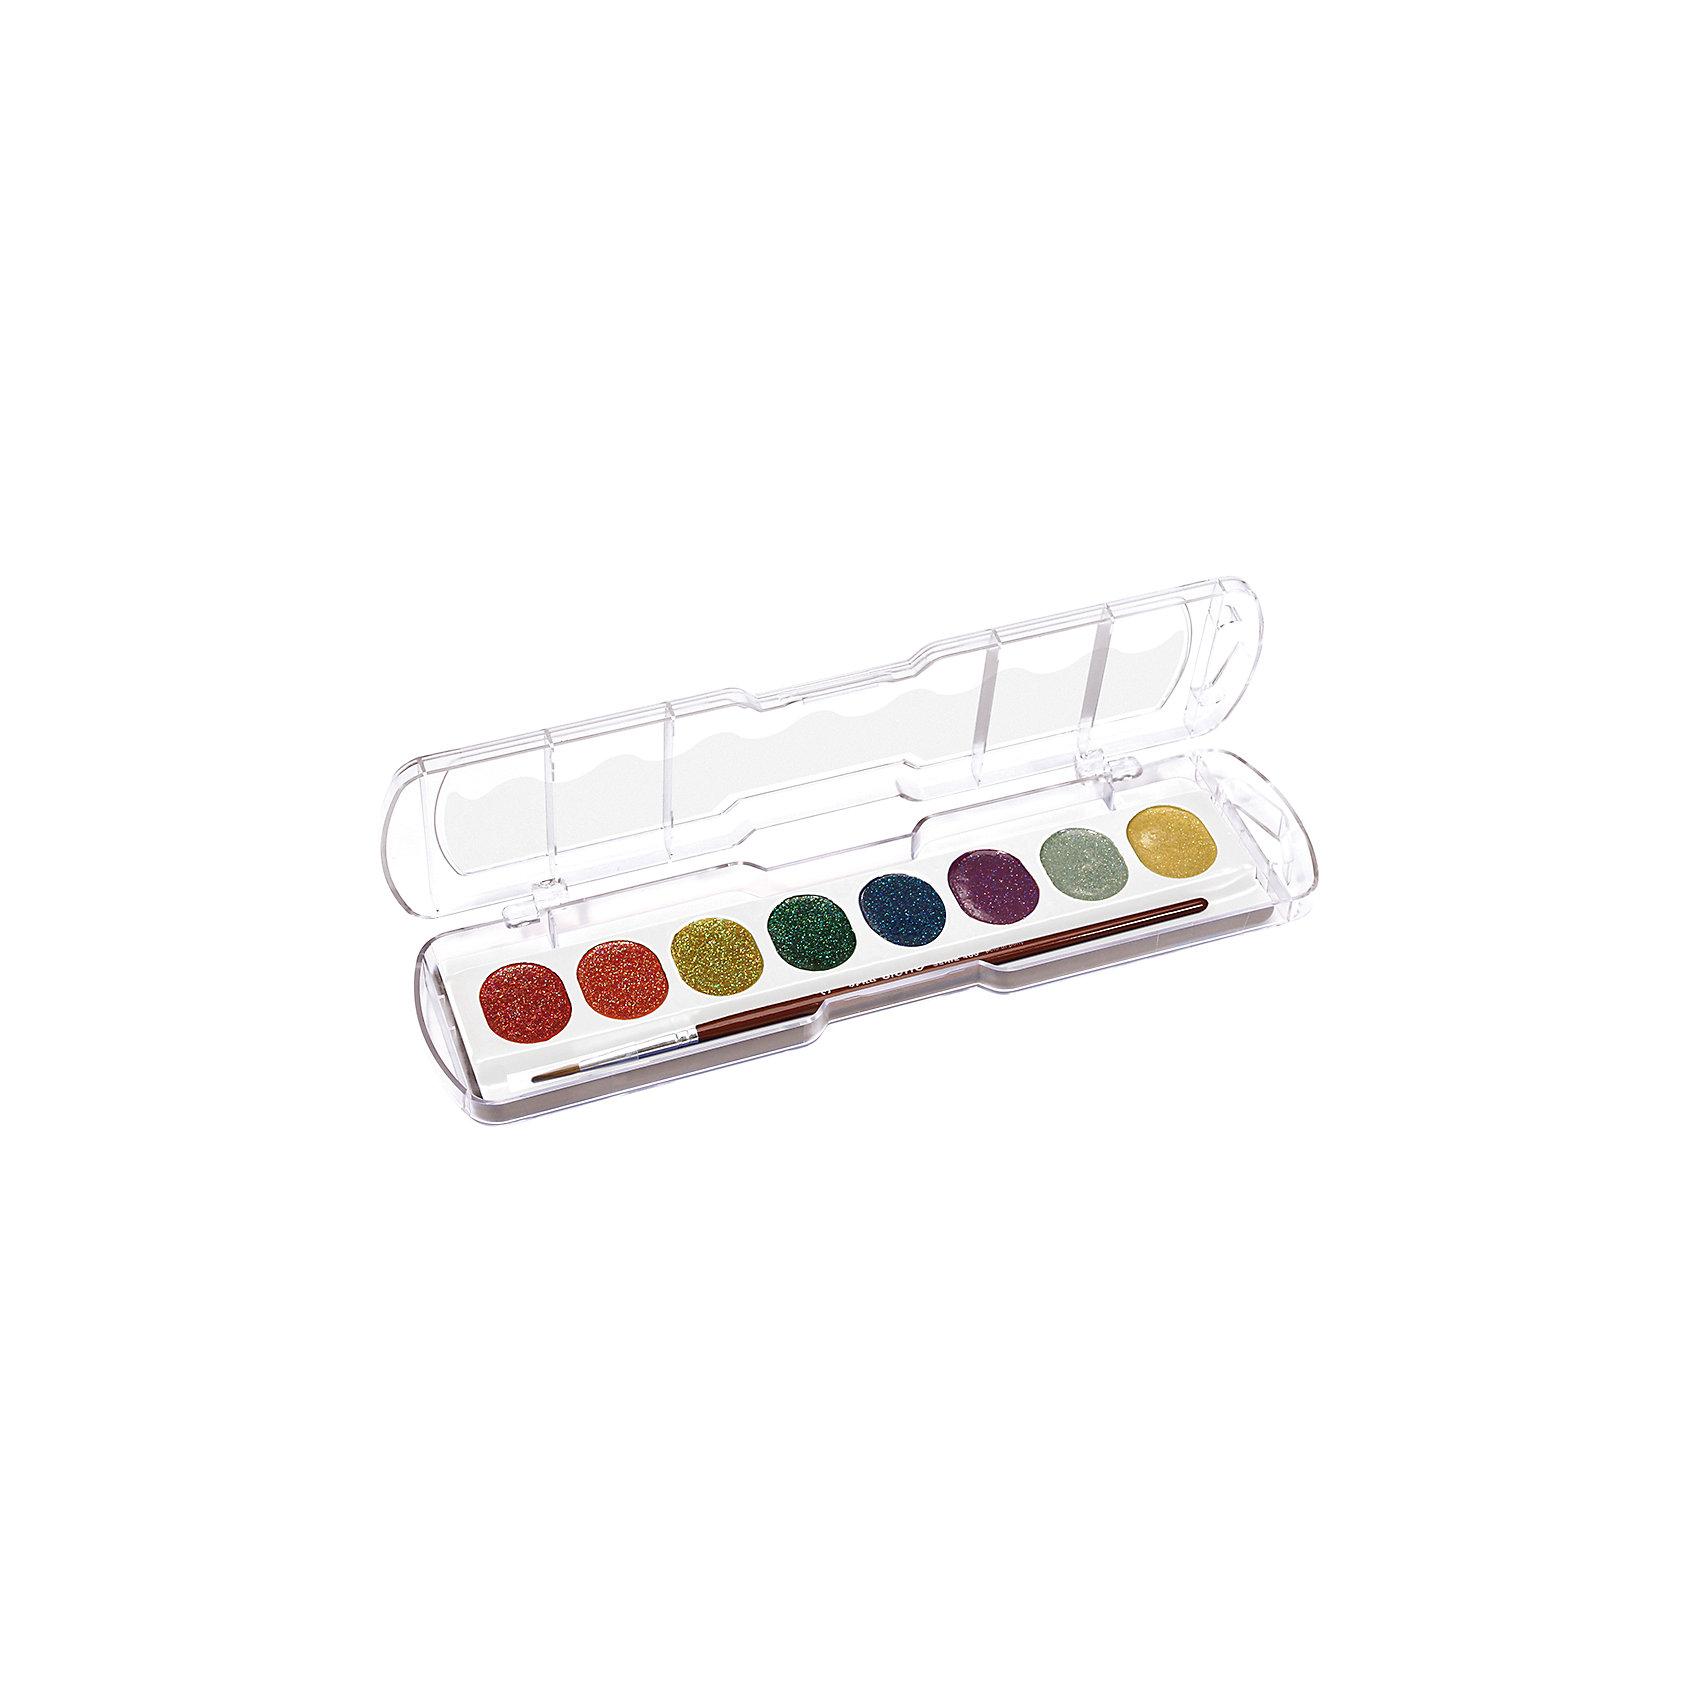 Акварель с глиттером 8 цветовРисование и лепка<br>Акварель с глиттером 8 цв. Создает блестящий эффект на поверхности бумаге, при высыхании эффект сохраняется. Цвета смешиваются друг с другом и идеально размываются водой. Подходит для творческих и декоративных работ. В наборе с кистью.<br><br>Ширина мм: 65<br>Глубина мм: 18<br>Высота мм: 230<br>Вес г: 102<br>Возраст от месяцев: 72<br>Возраст до месяцев: 120<br>Пол: Унисекс<br>Возраст: Детский<br>SKU: 5107816